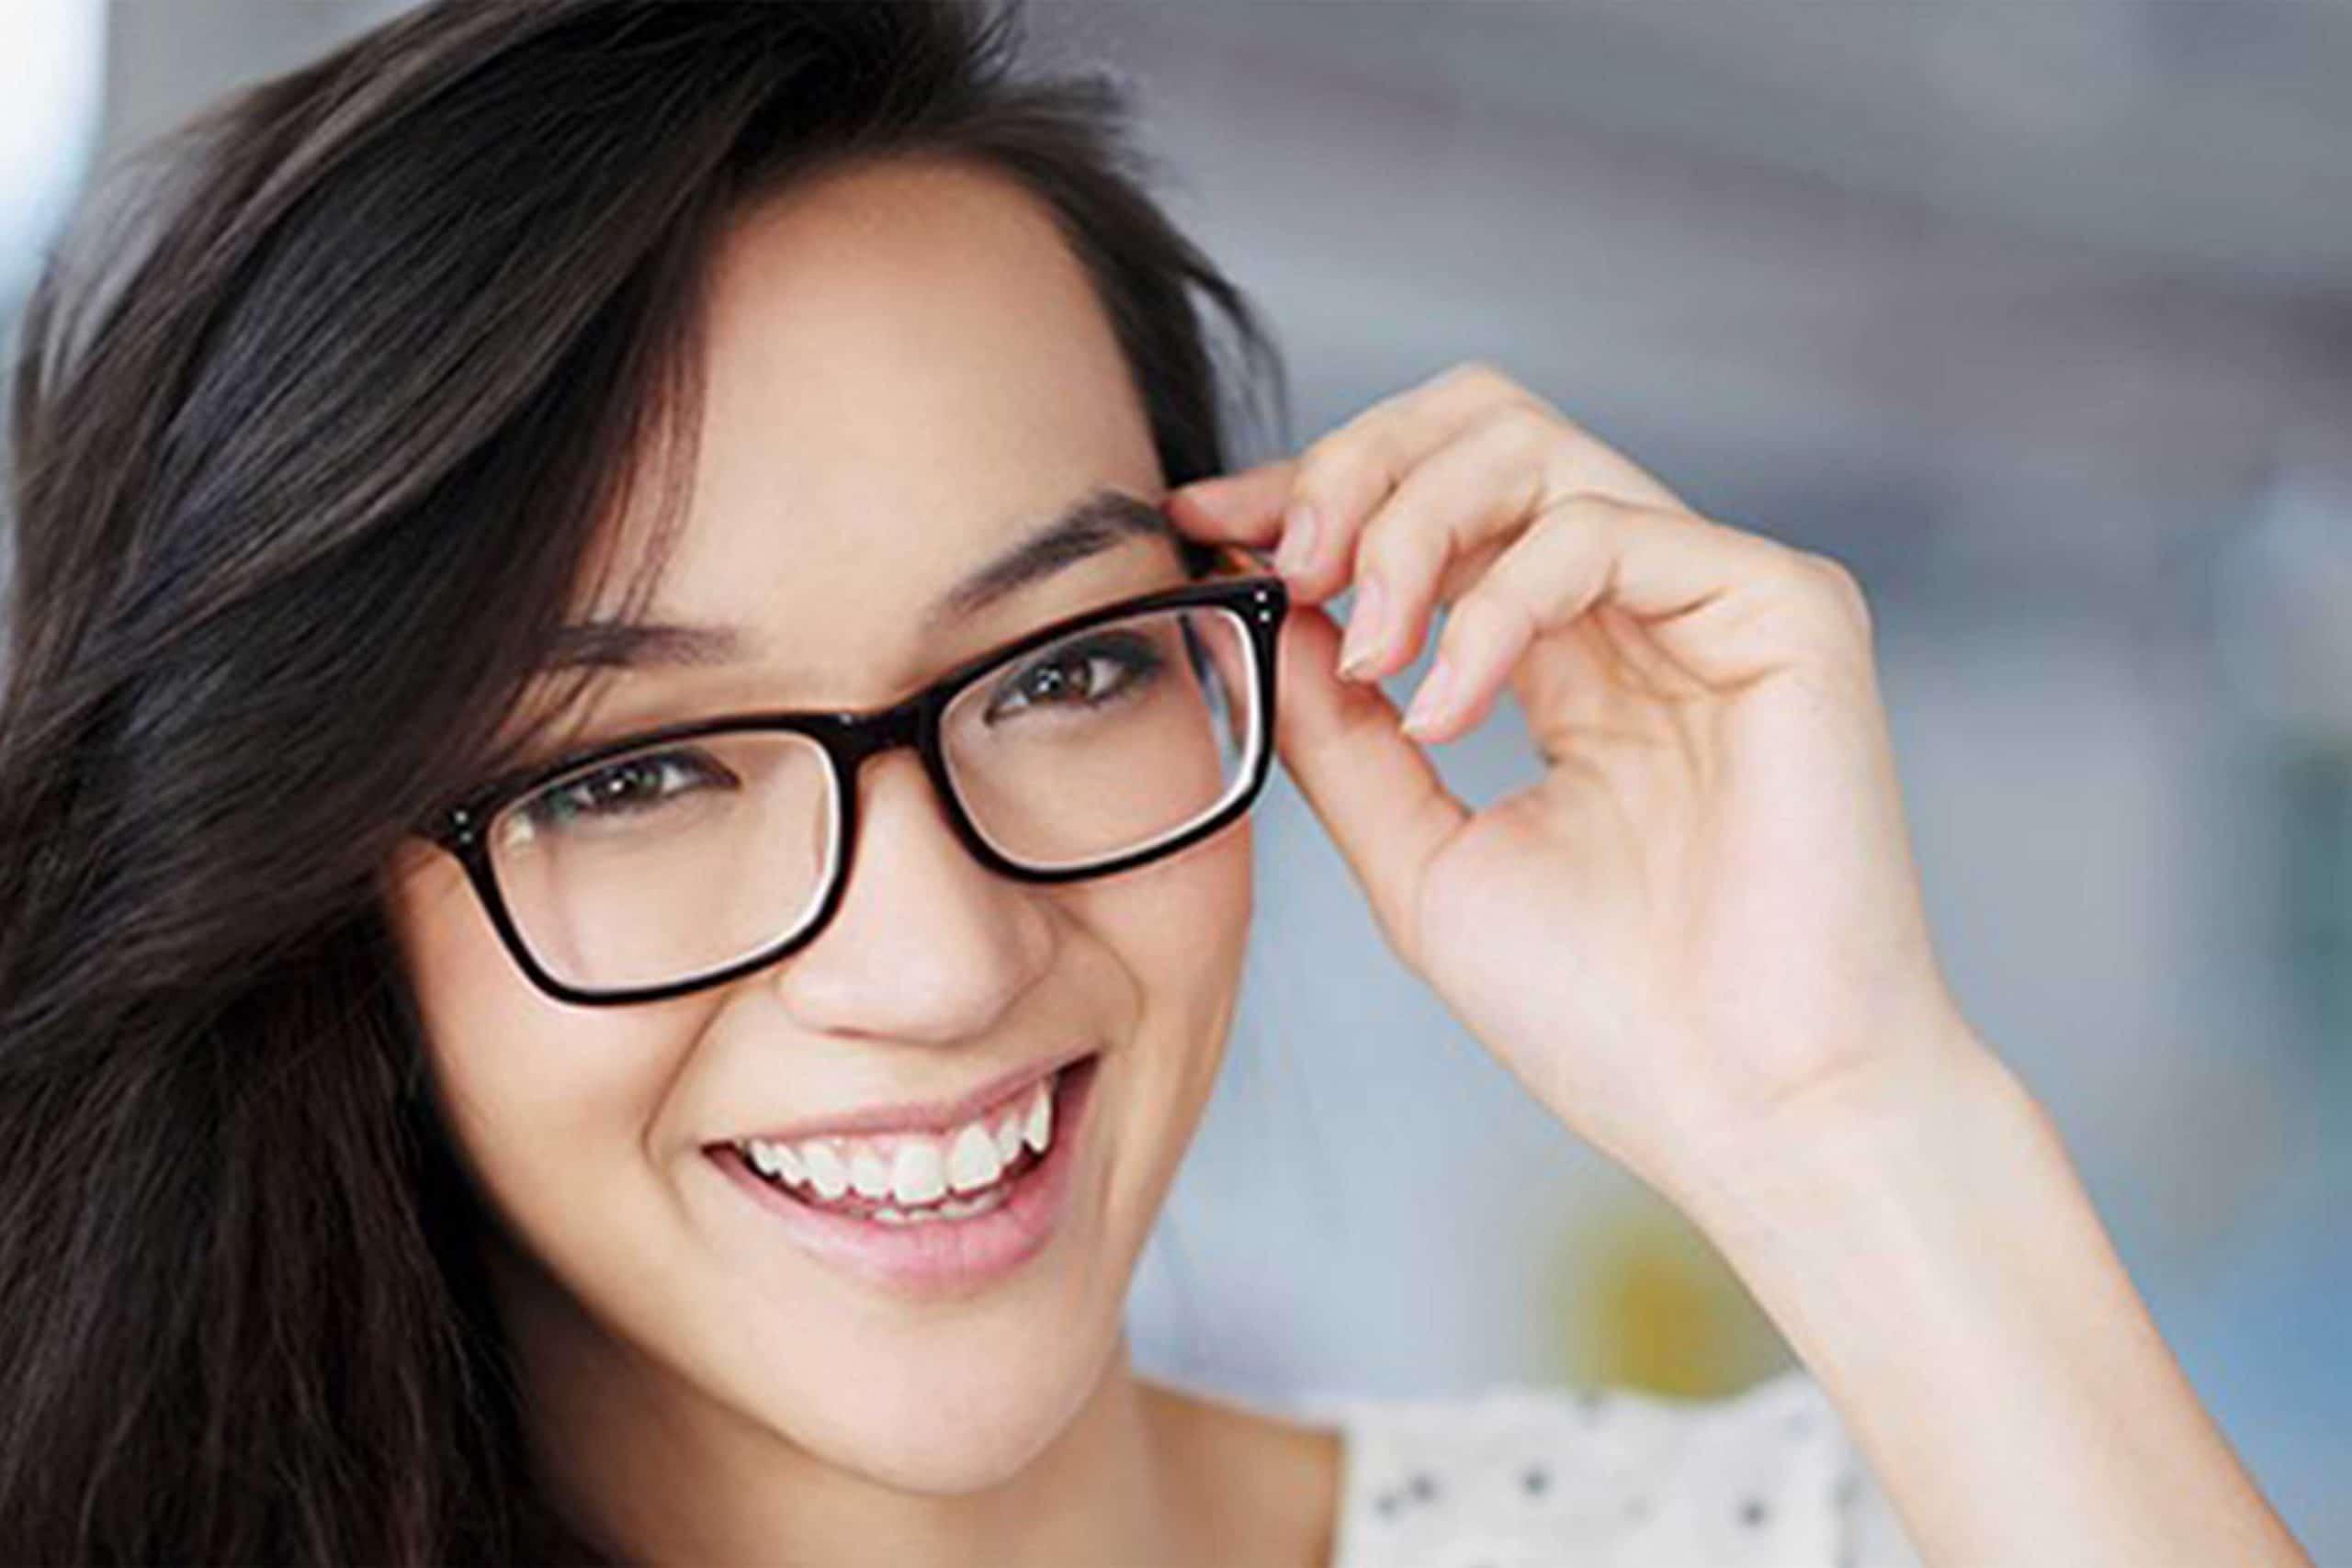 Brillenschreinerei Aschaffenburg - Gläsermarken - optoVision